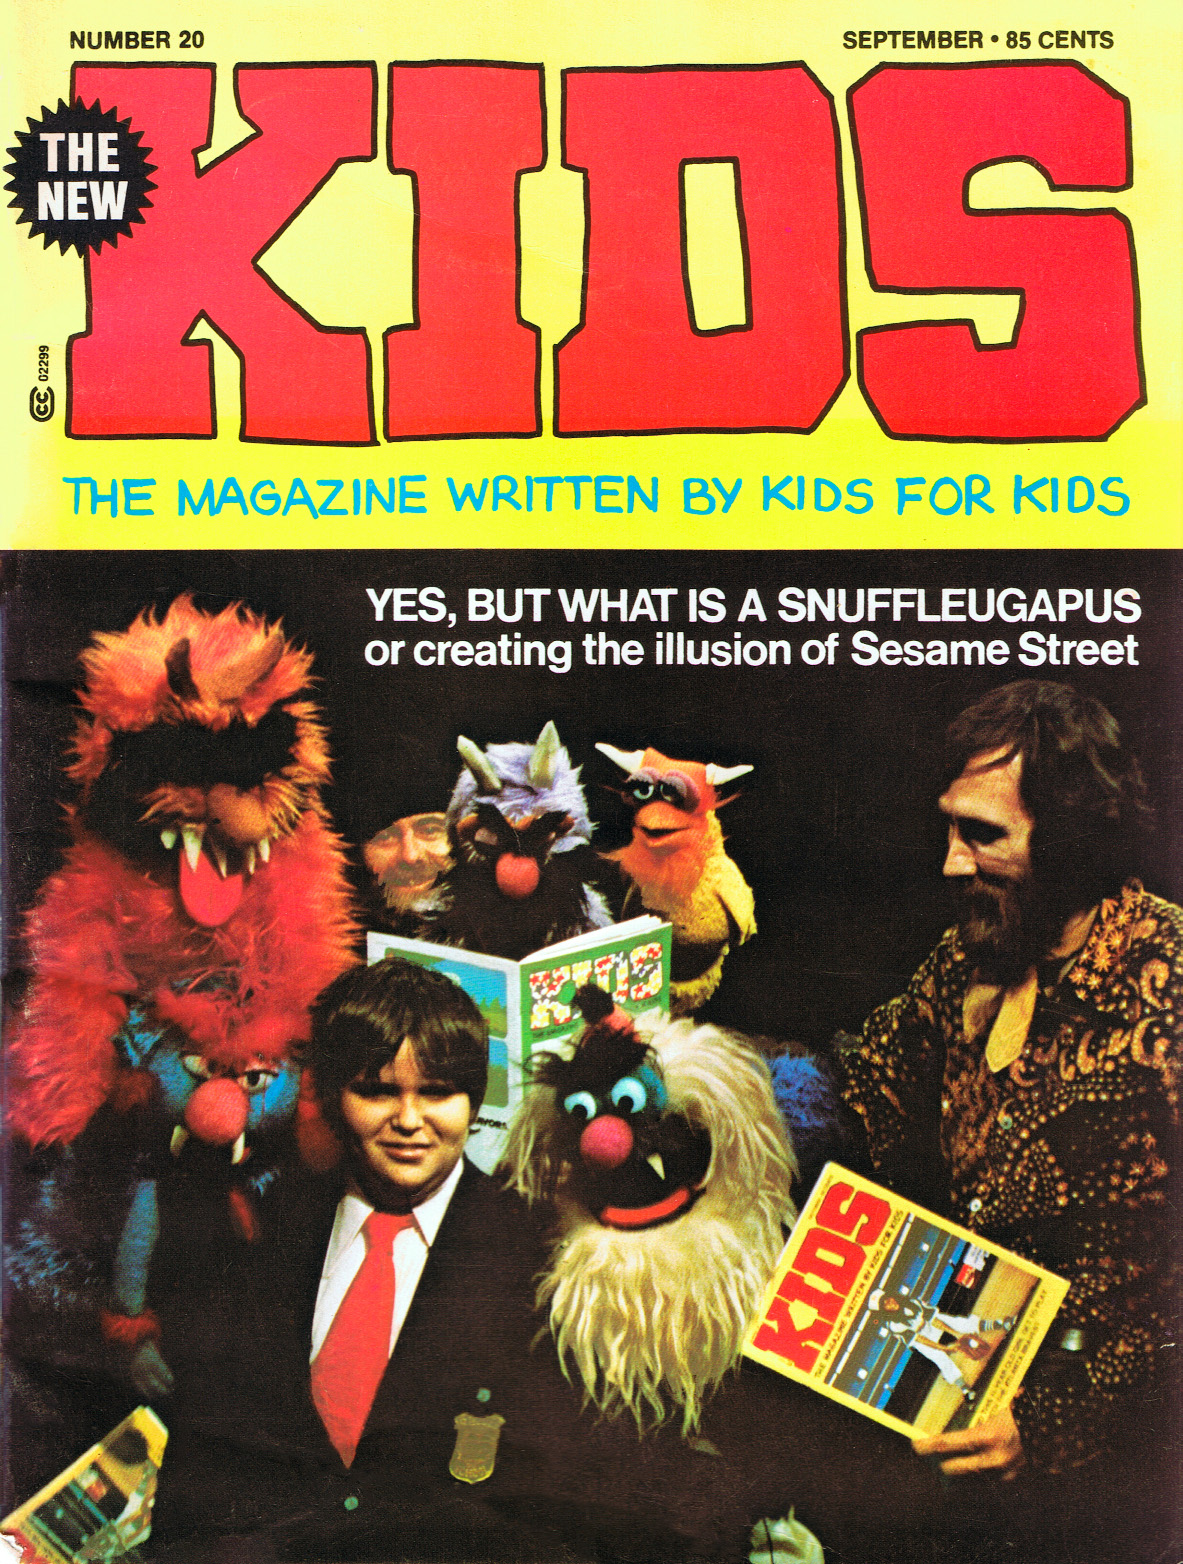 File:Kidsmag.jpg